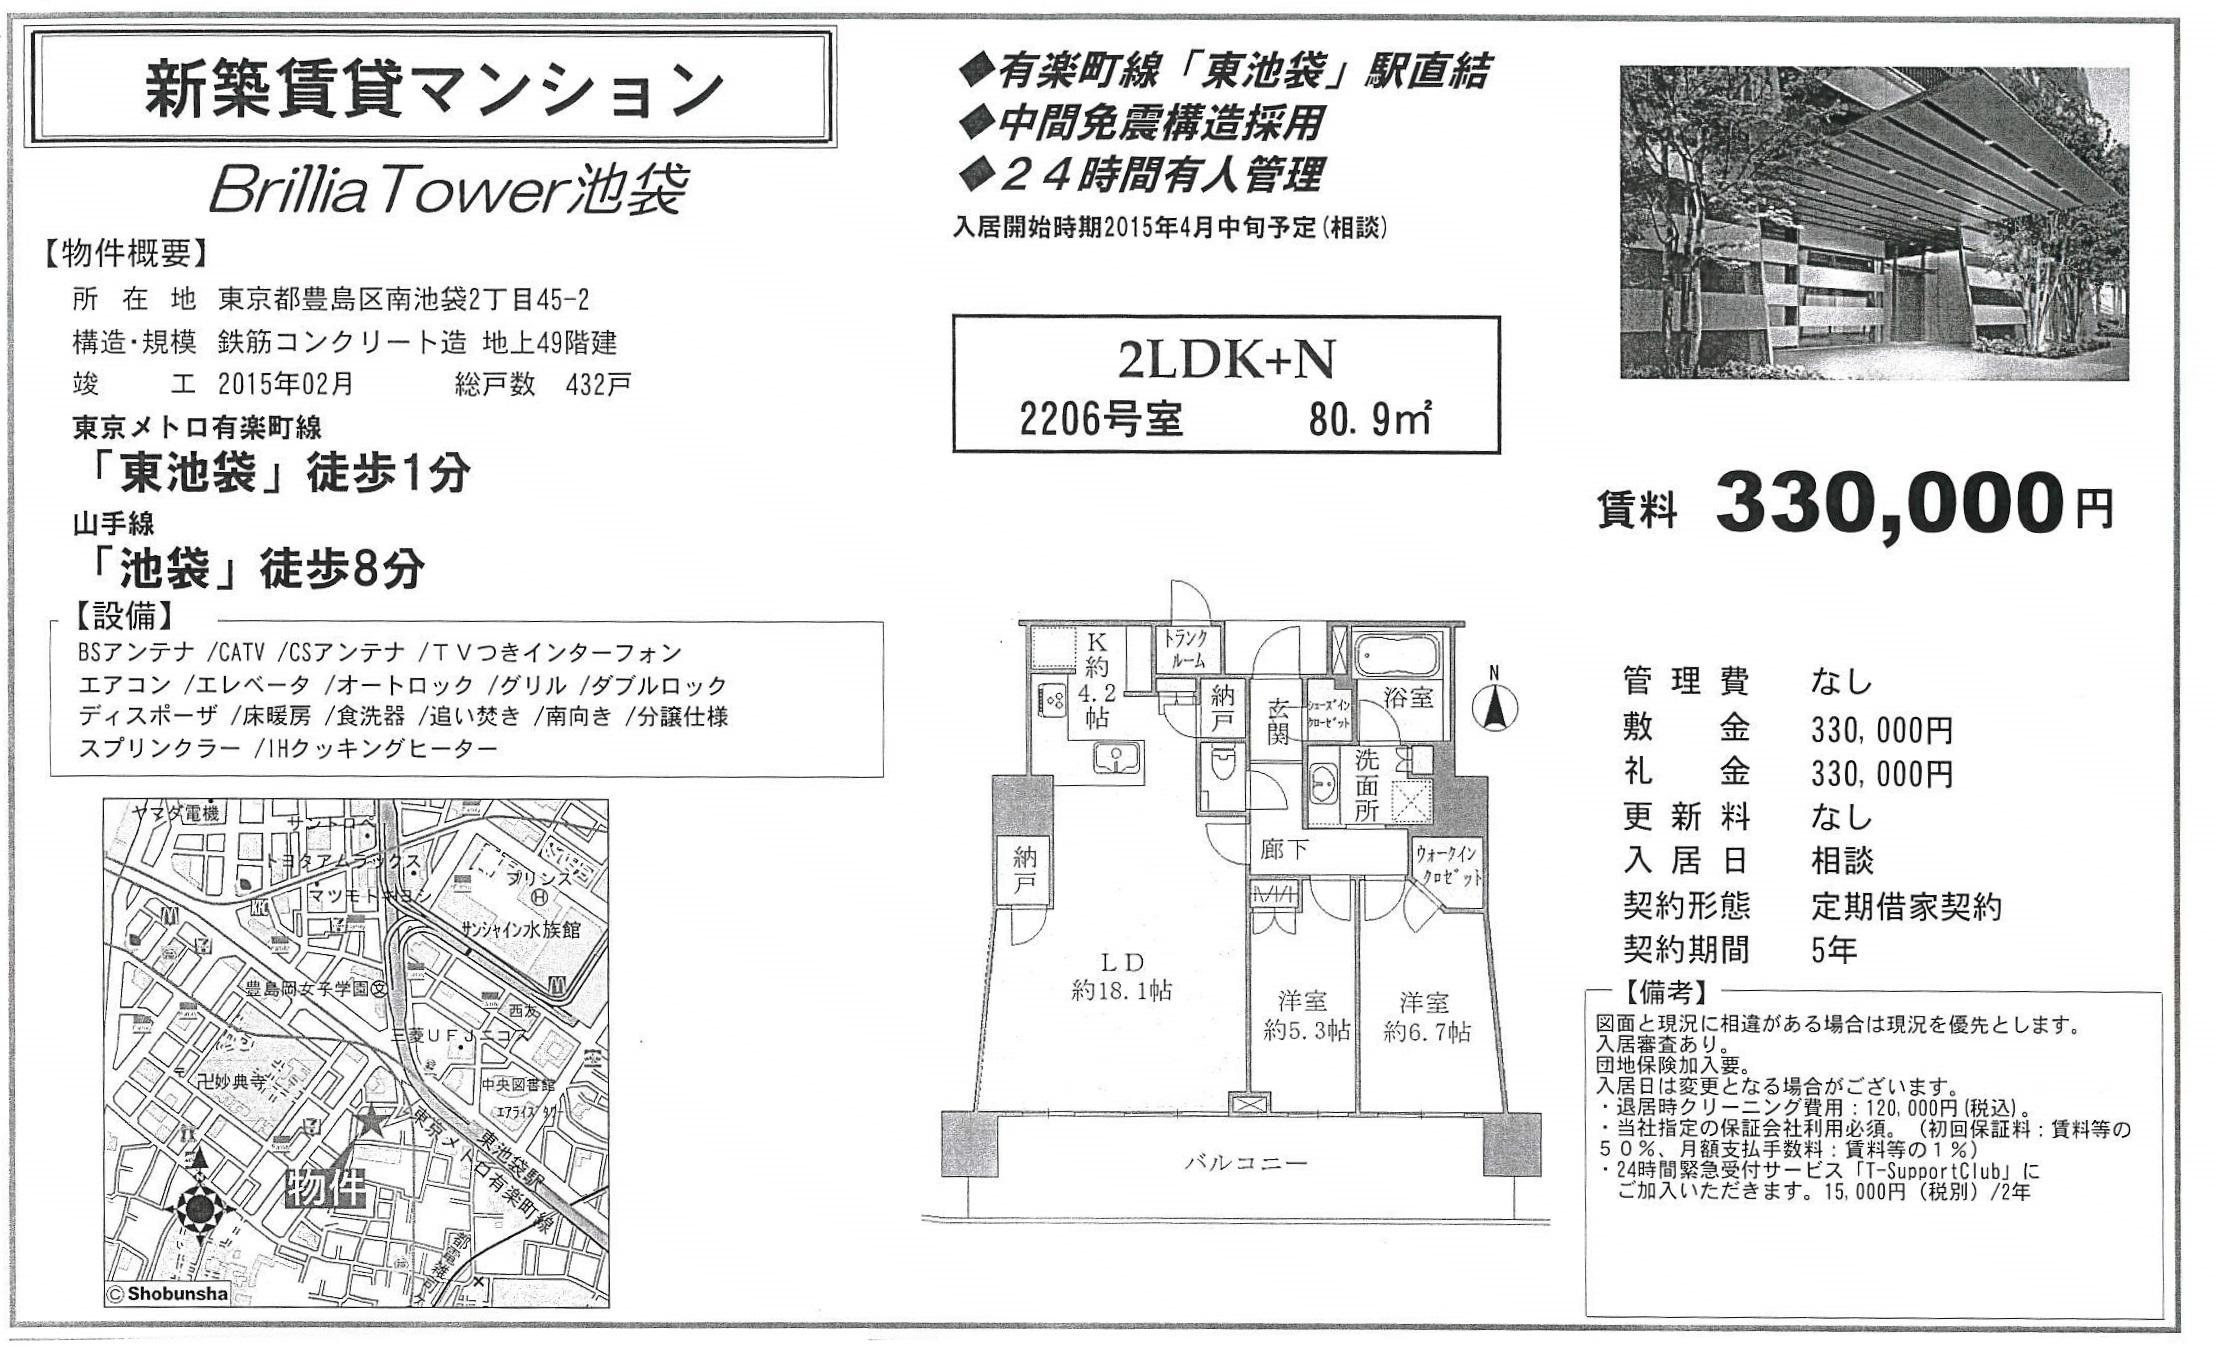 ブリリアタワー池袋図面2206号室